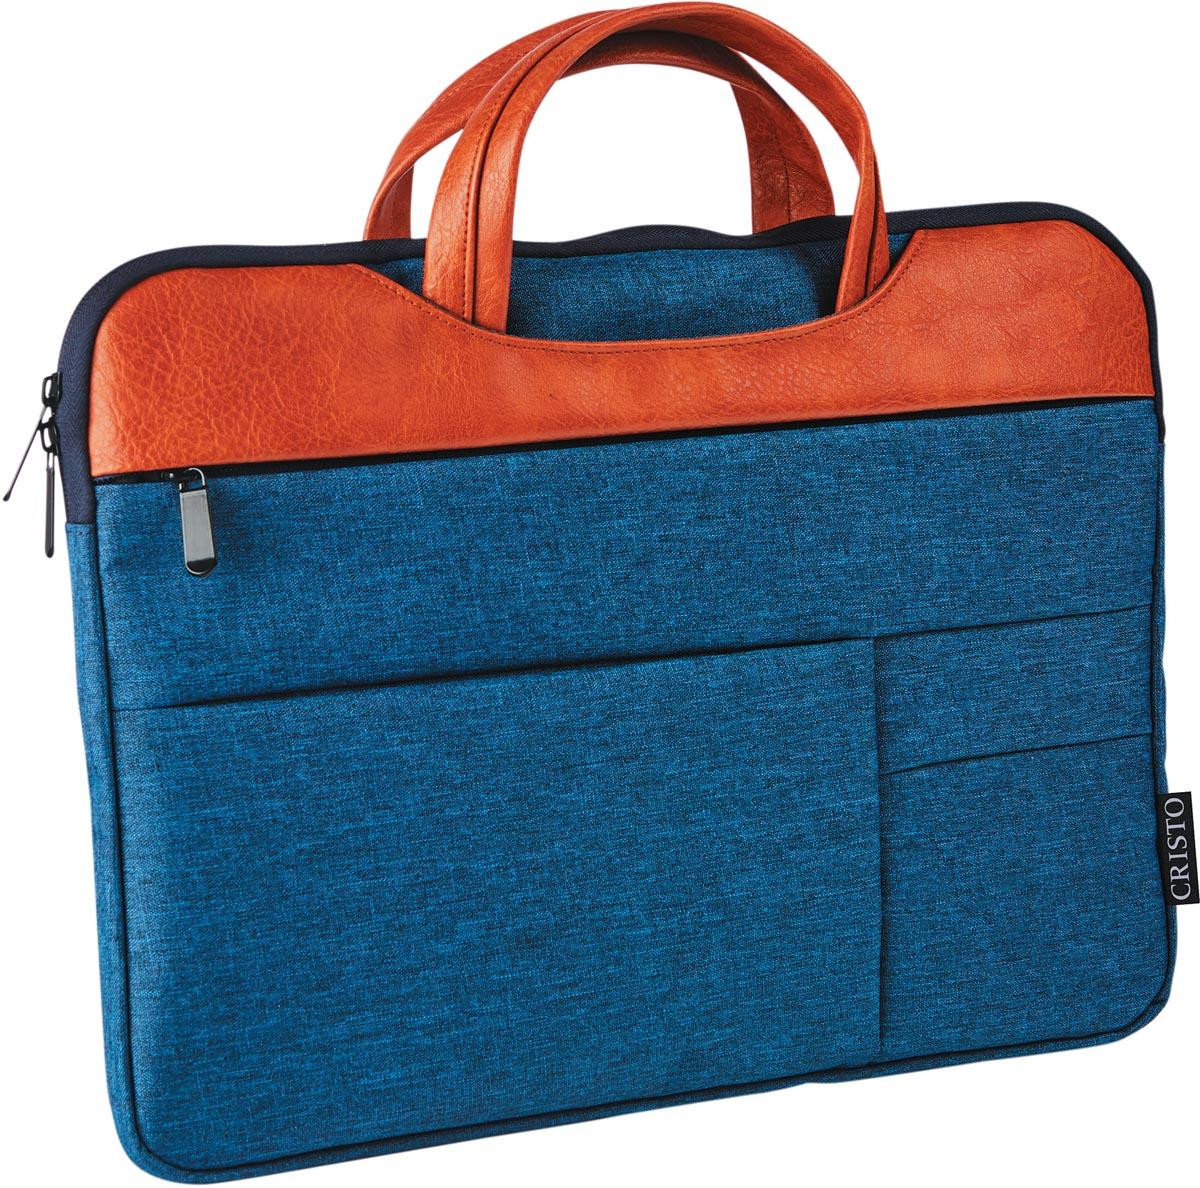 Cristo Urban sleeve voor 15,6 inch laptops, blauw